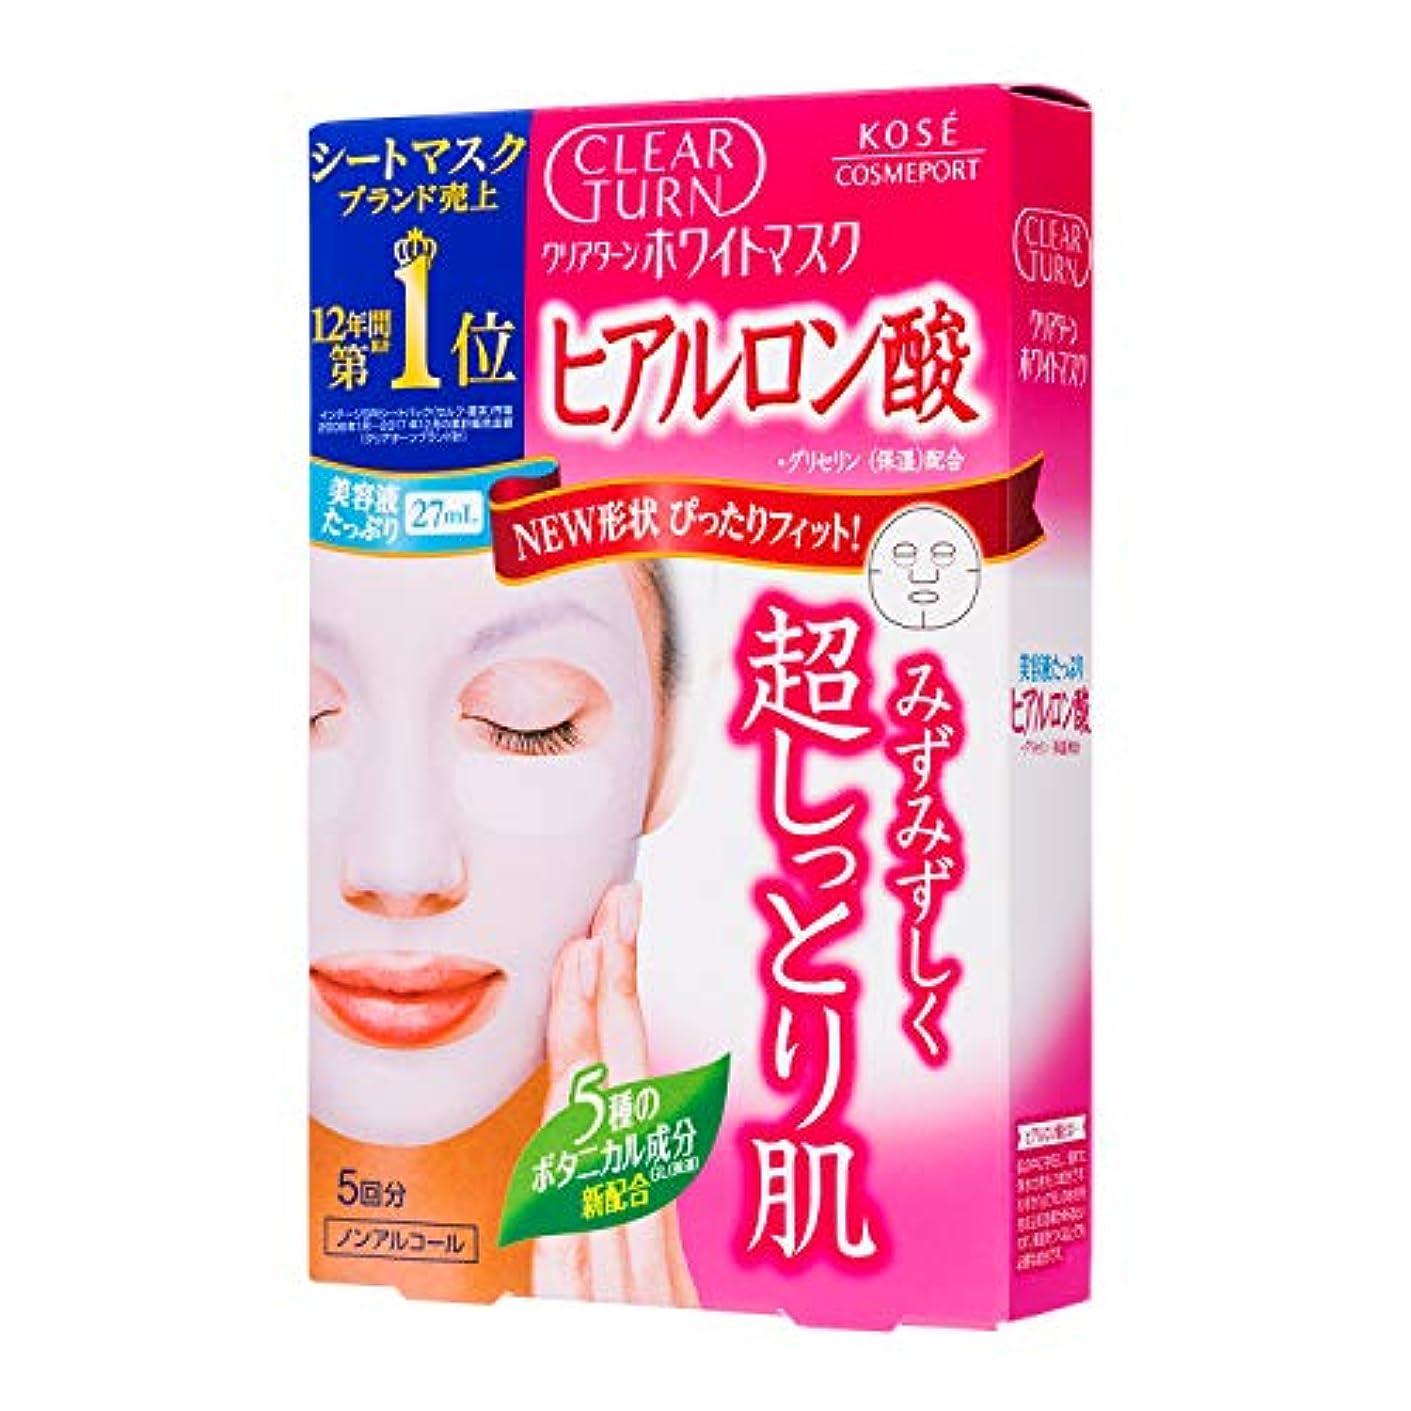 憧れ調停者流産KOSE コーセー クリアターン ホワイト マスク HA (ヒアルロン酸) 5回分 (22mL×5)